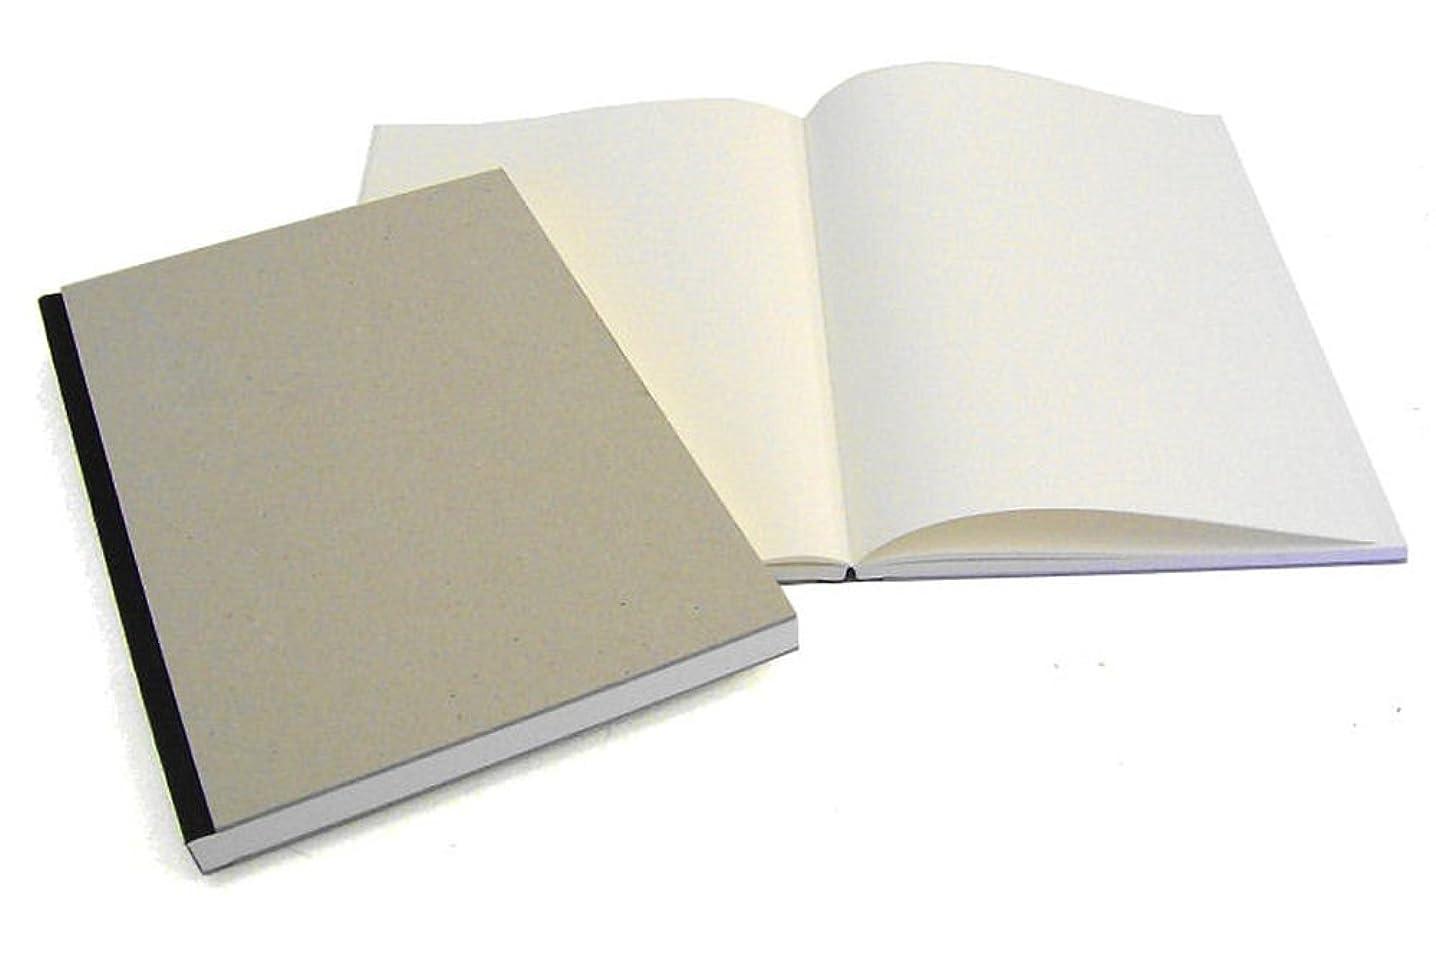 Kunst & Papier Binder Sketchbook 5 4/5 in. x 8 1/4 in. black spine 144 pages, unlined pdwrndzmmqm469